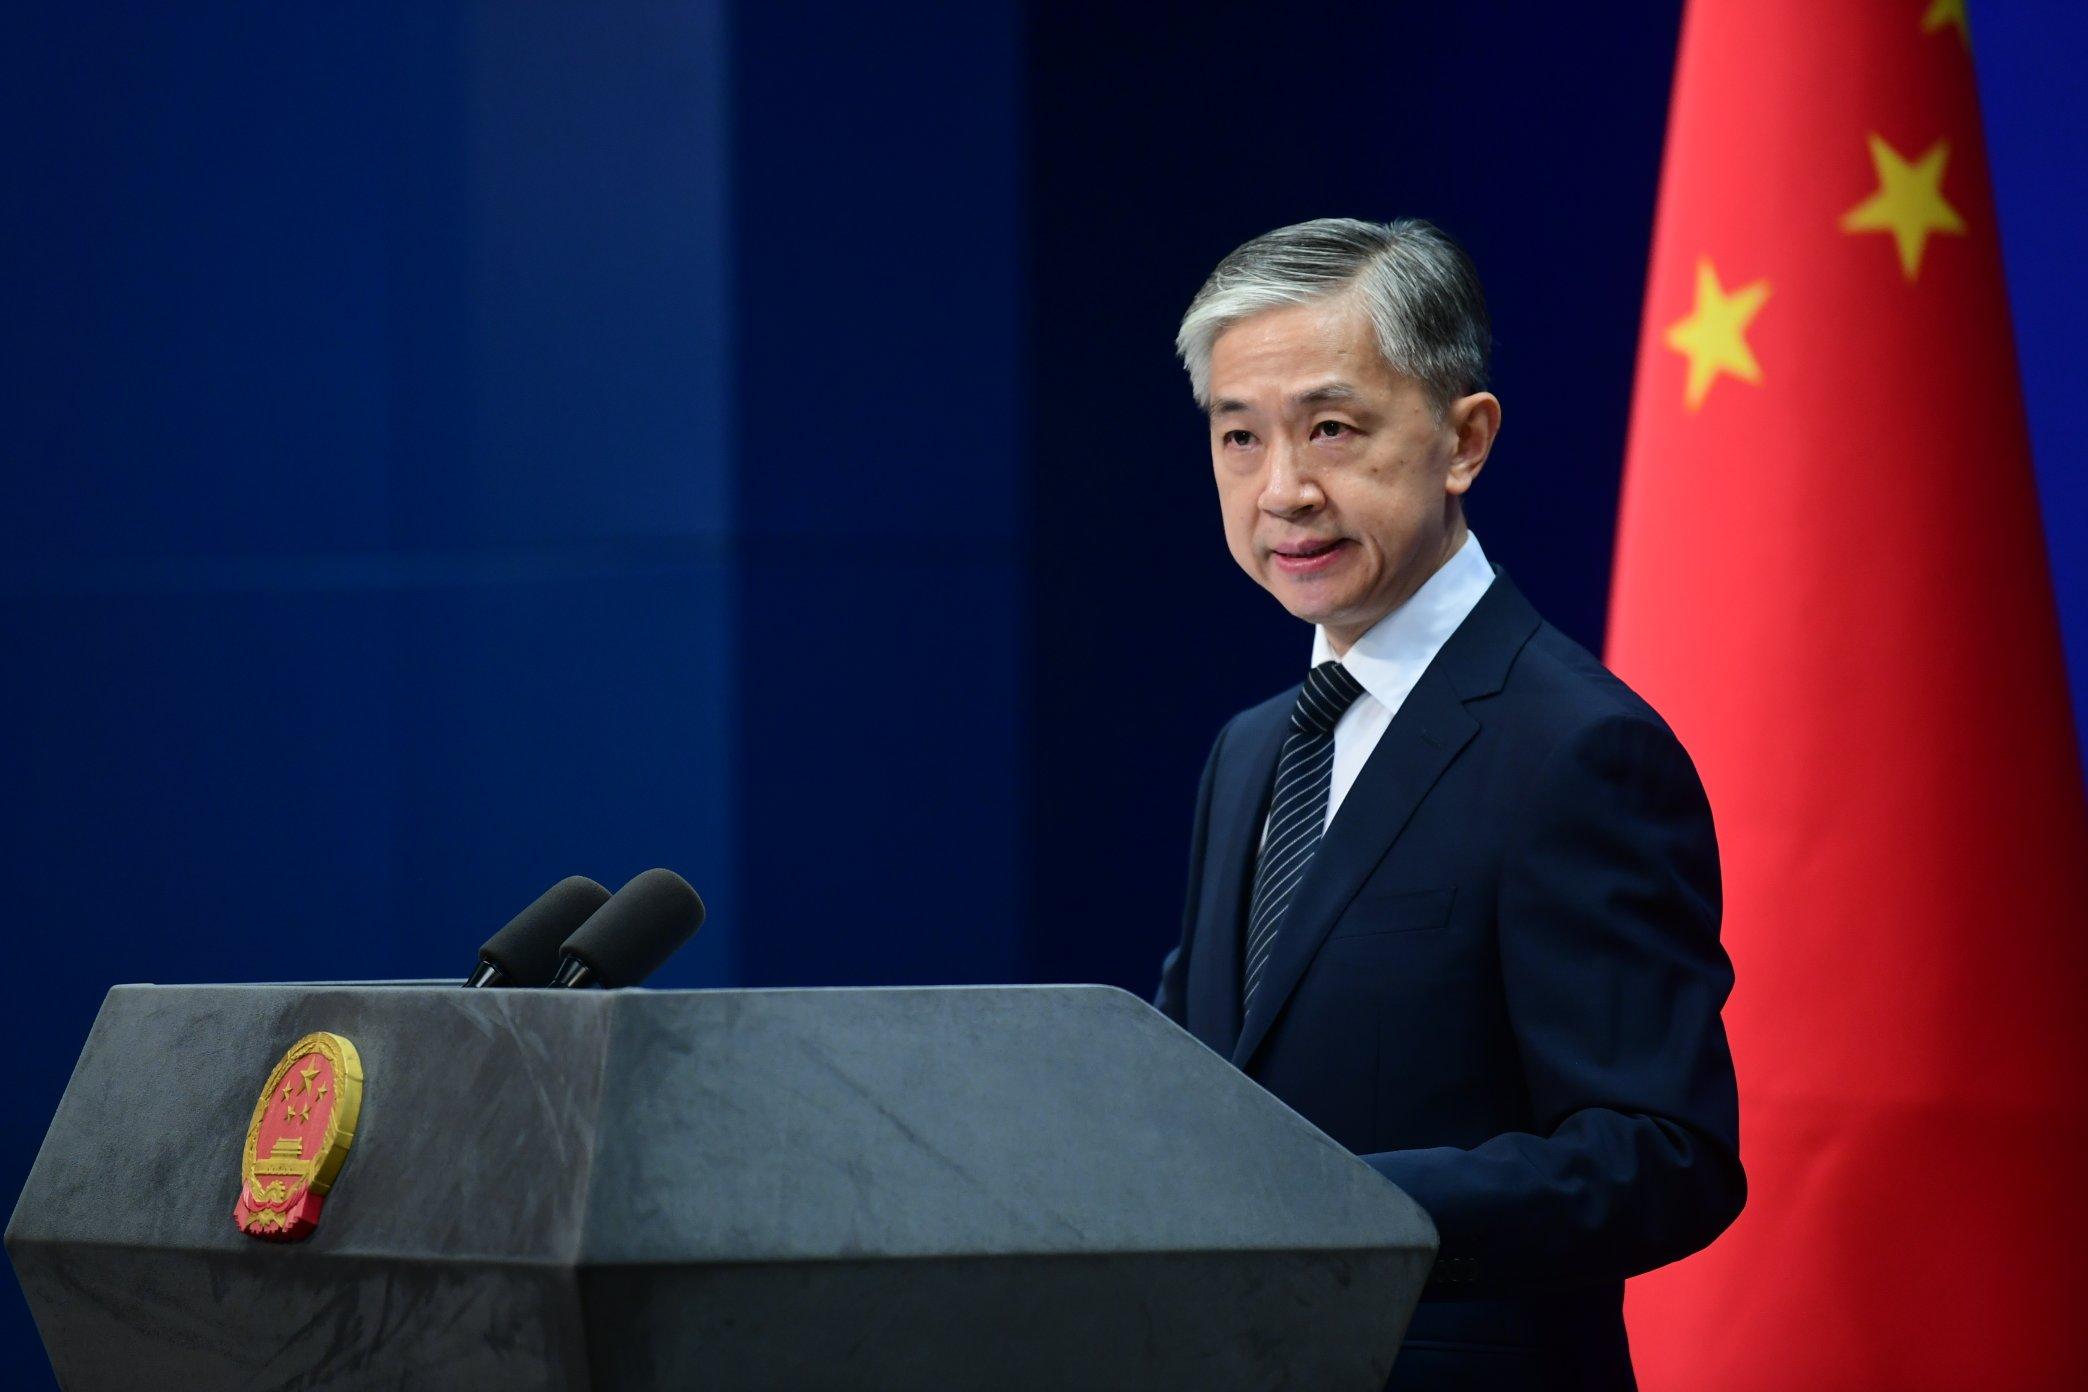 中國外交部發言人汪文斌就卡西斯批評中國的表態做出回應,稱卡西斯言論缺乏理據,還打出金錢利誘牌,稱瑞士金融企業可以中國獲利。(中國外交部網站)